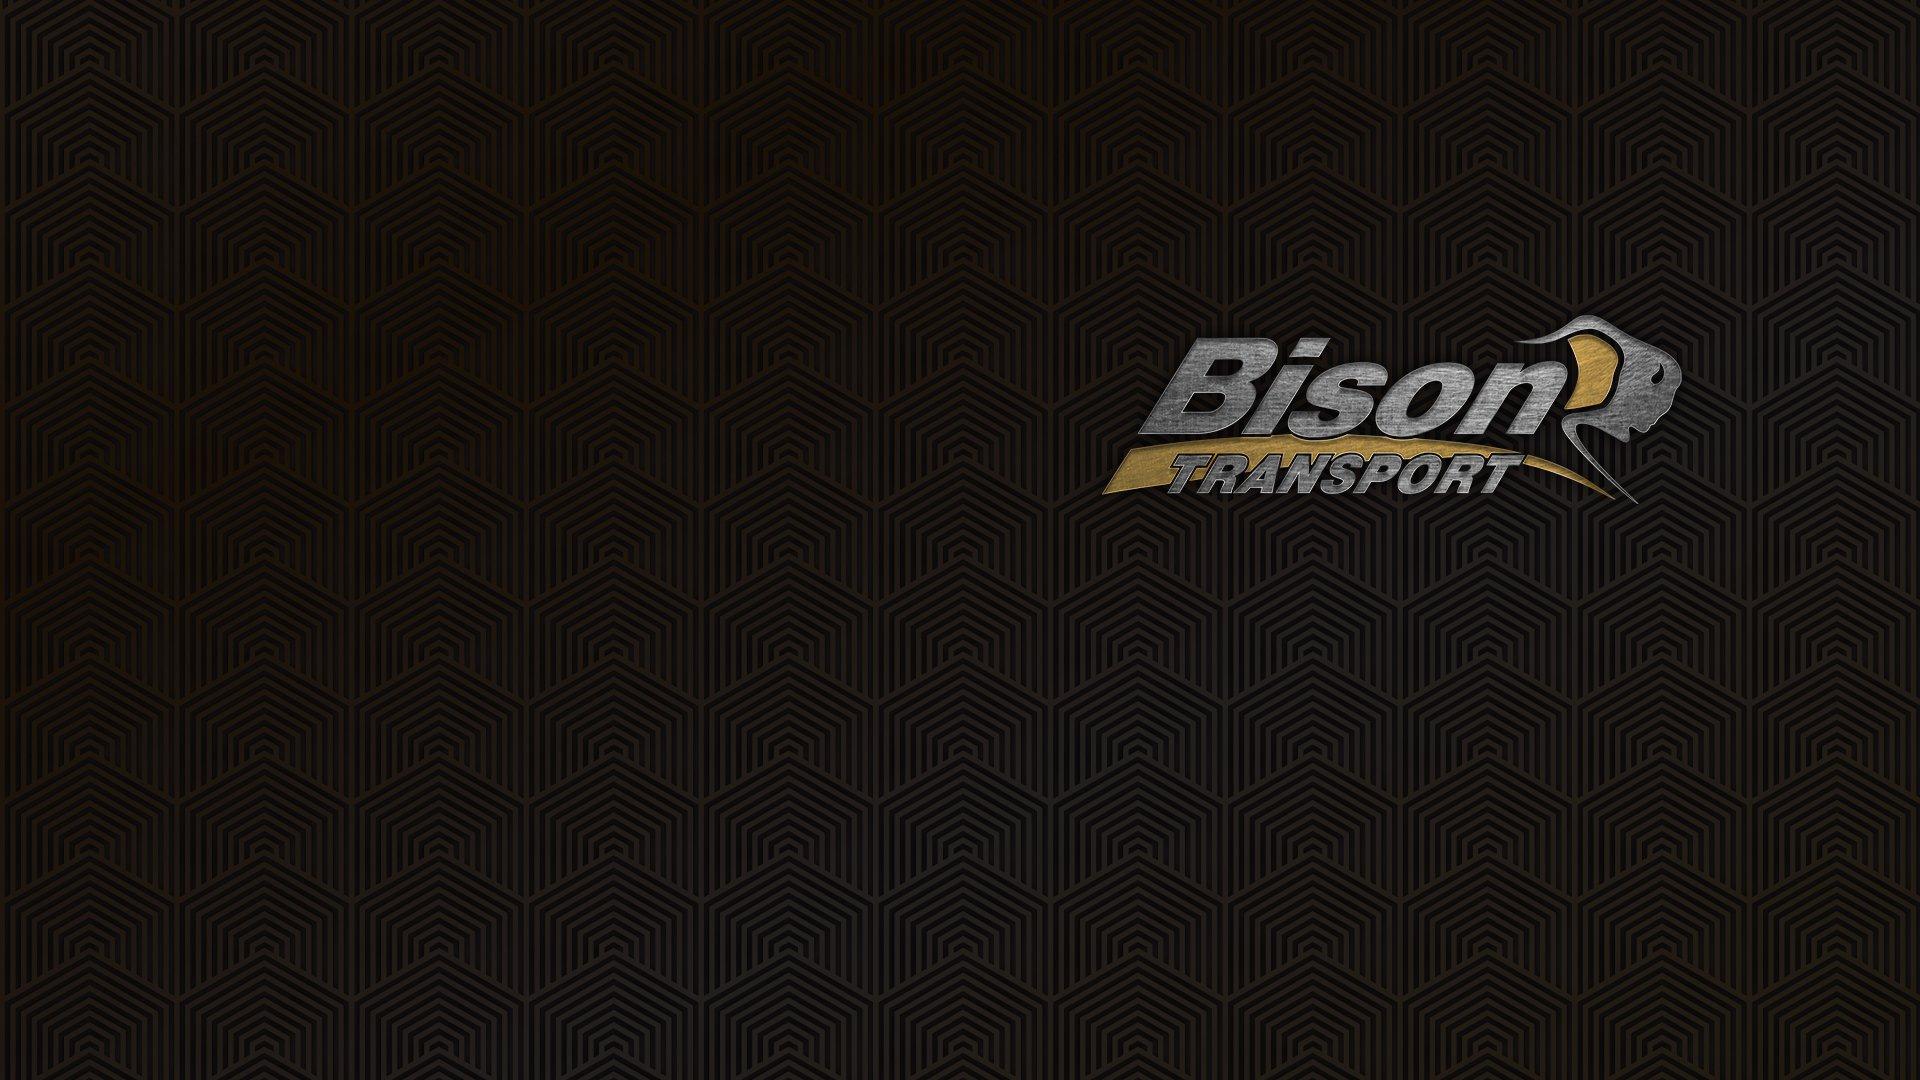 bison_background_1